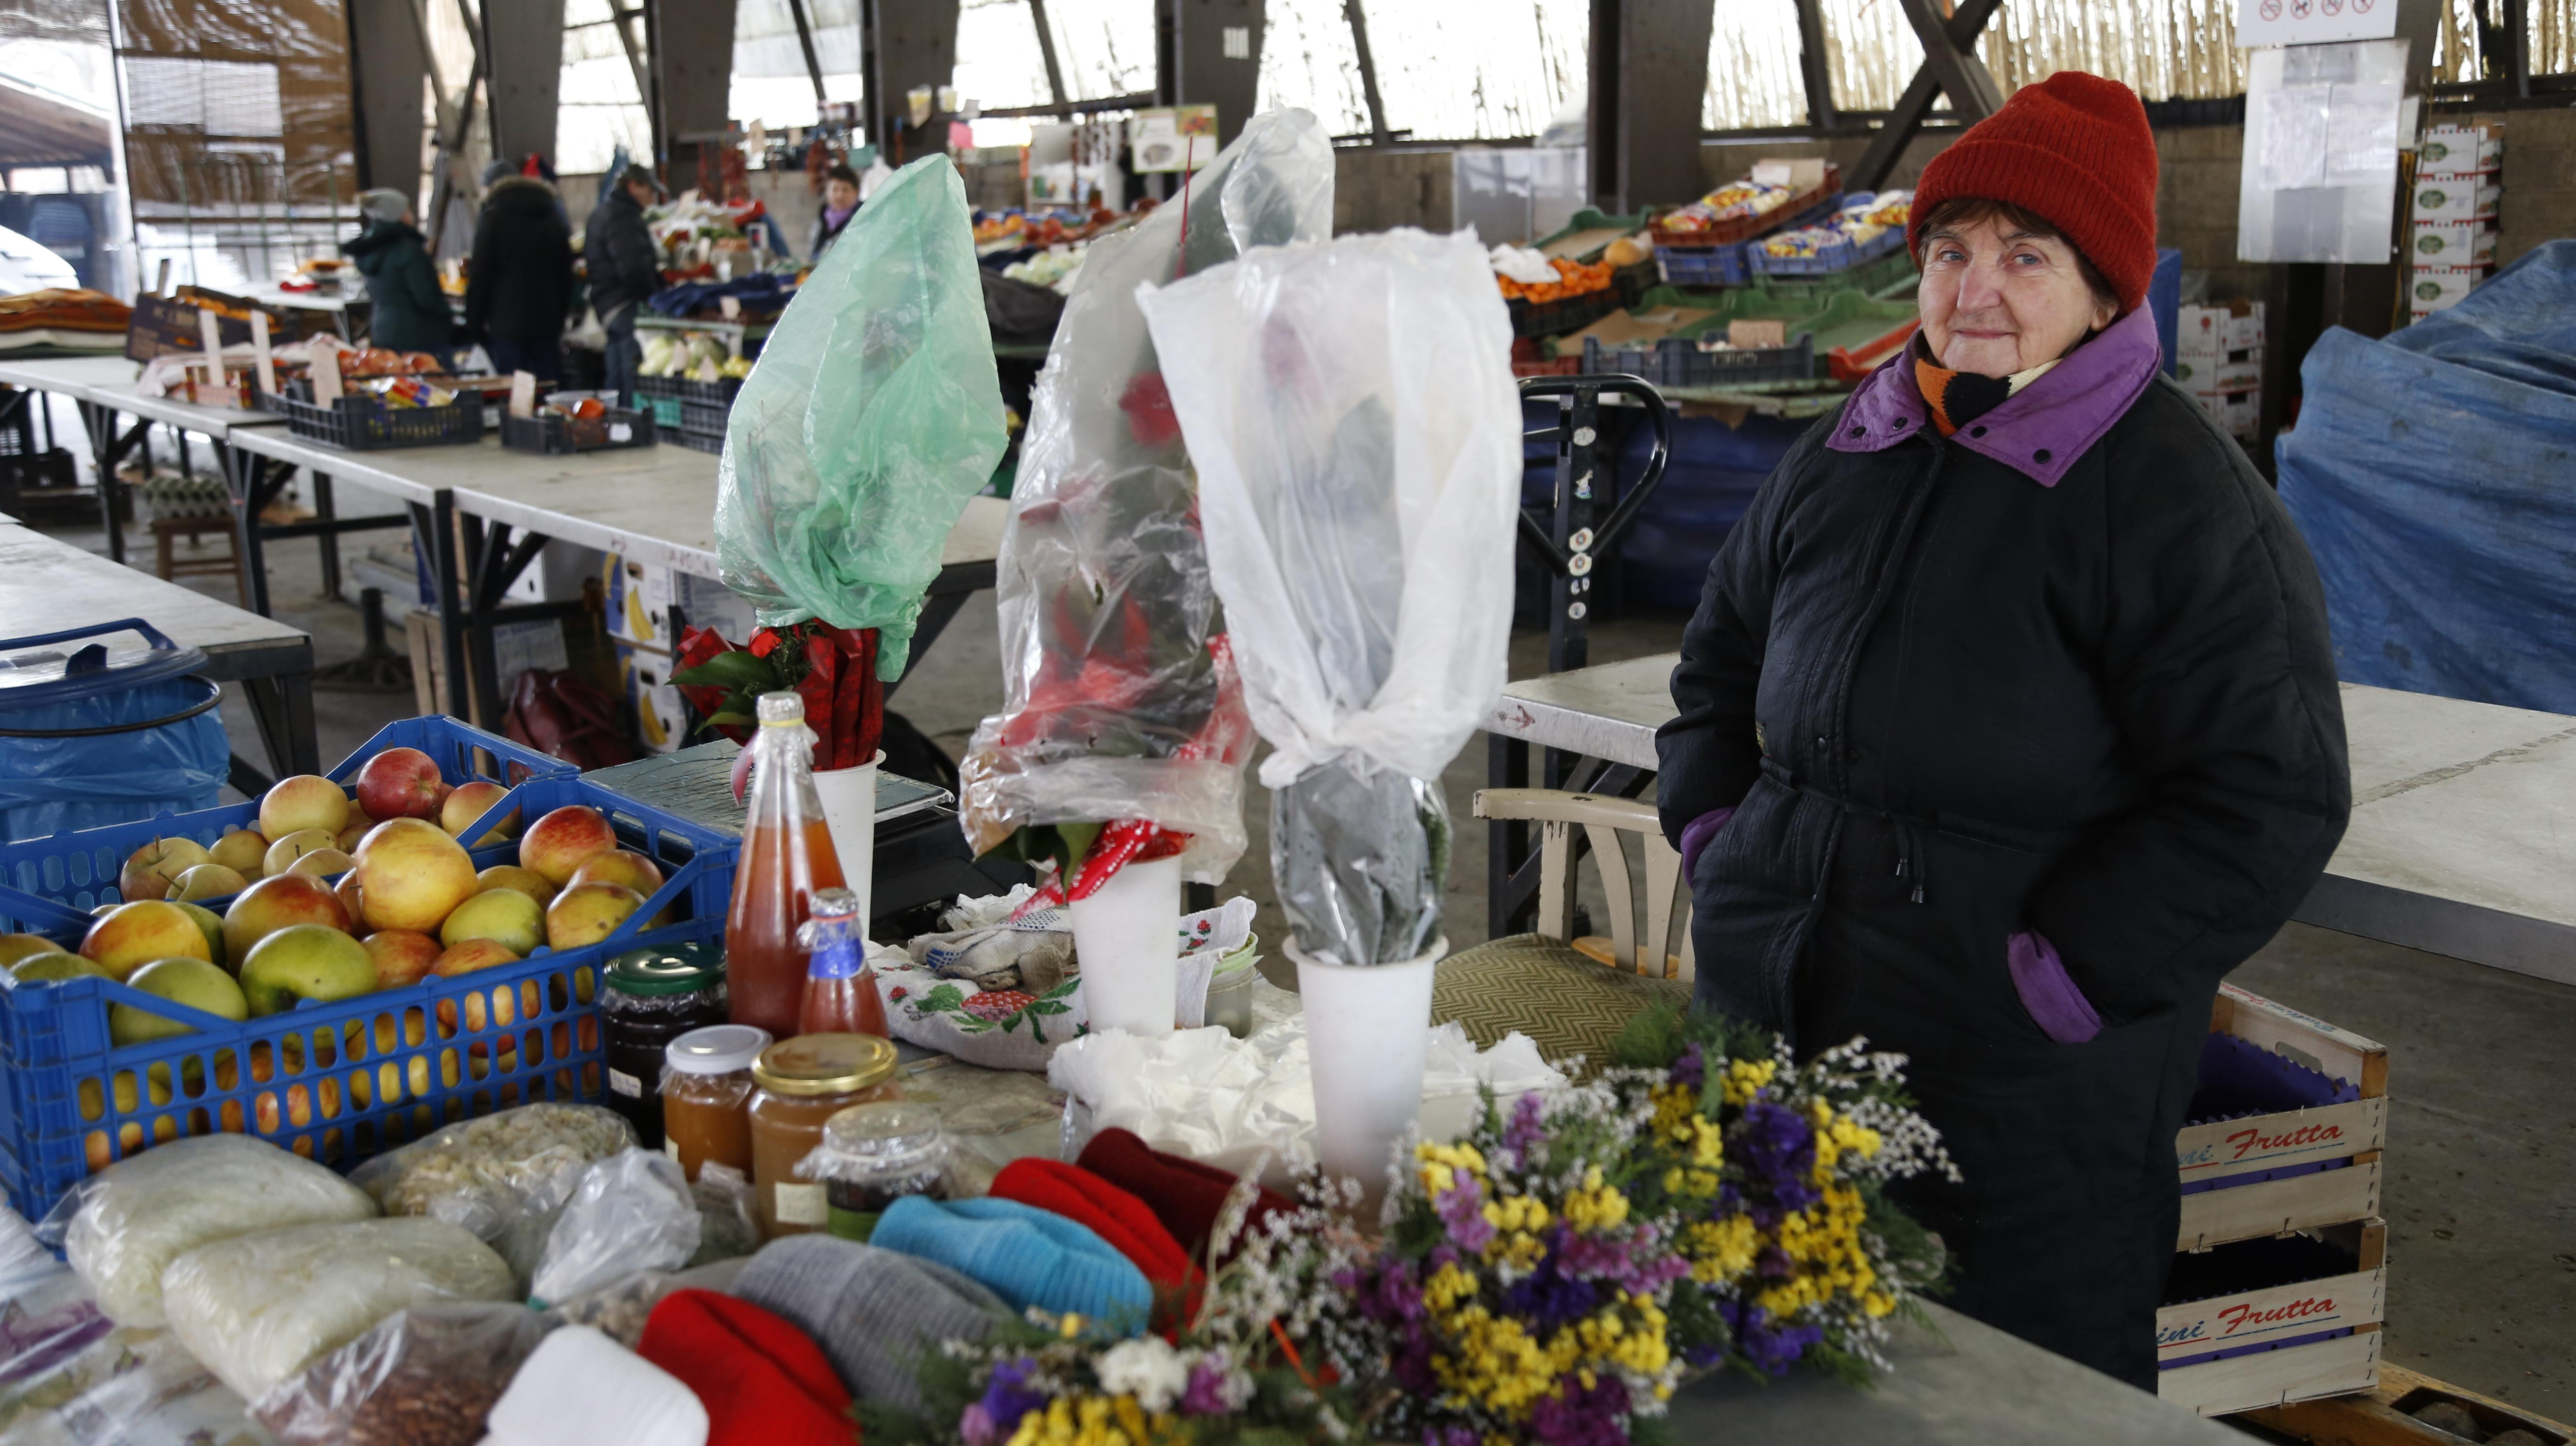 Nagy Béláné nemsokára már nem árulja portékáit a piacon